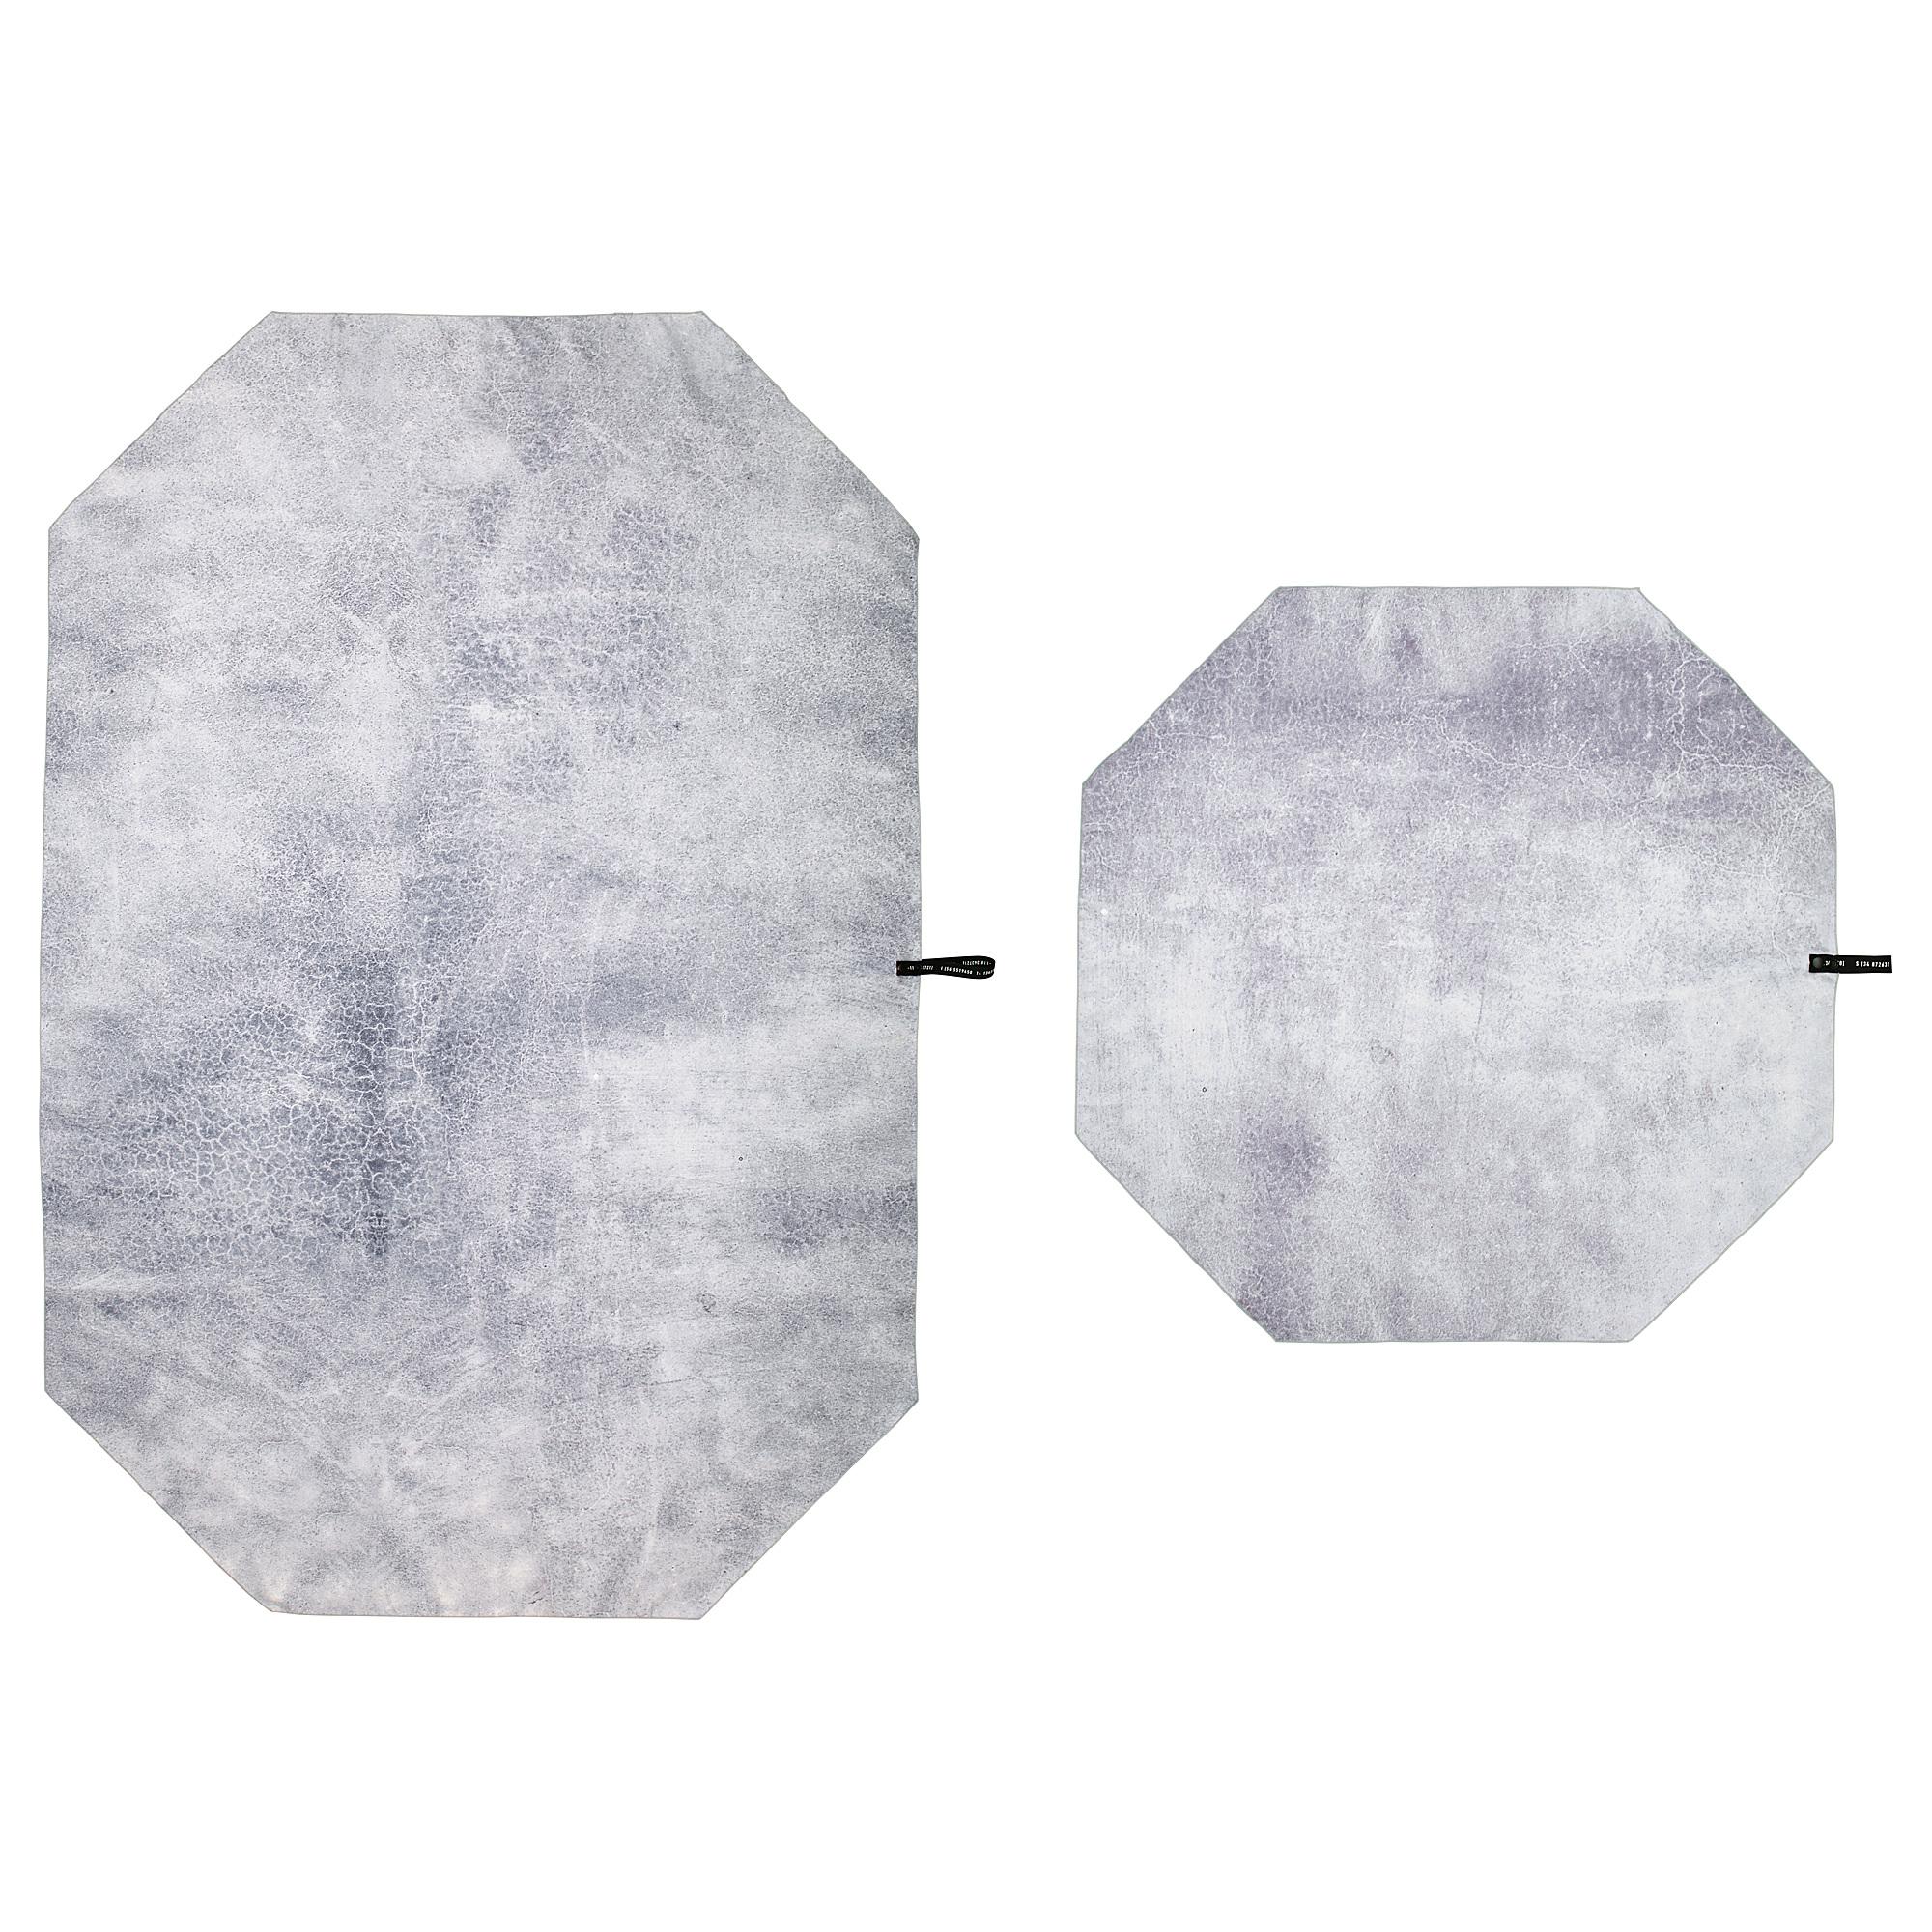 Дорожное полотенце, 2 шт. СПЭНСТ серый артикуль № 104.129.96 в наличии. Онлайн магазин IKEA Минск. Недорогая доставка и установка.